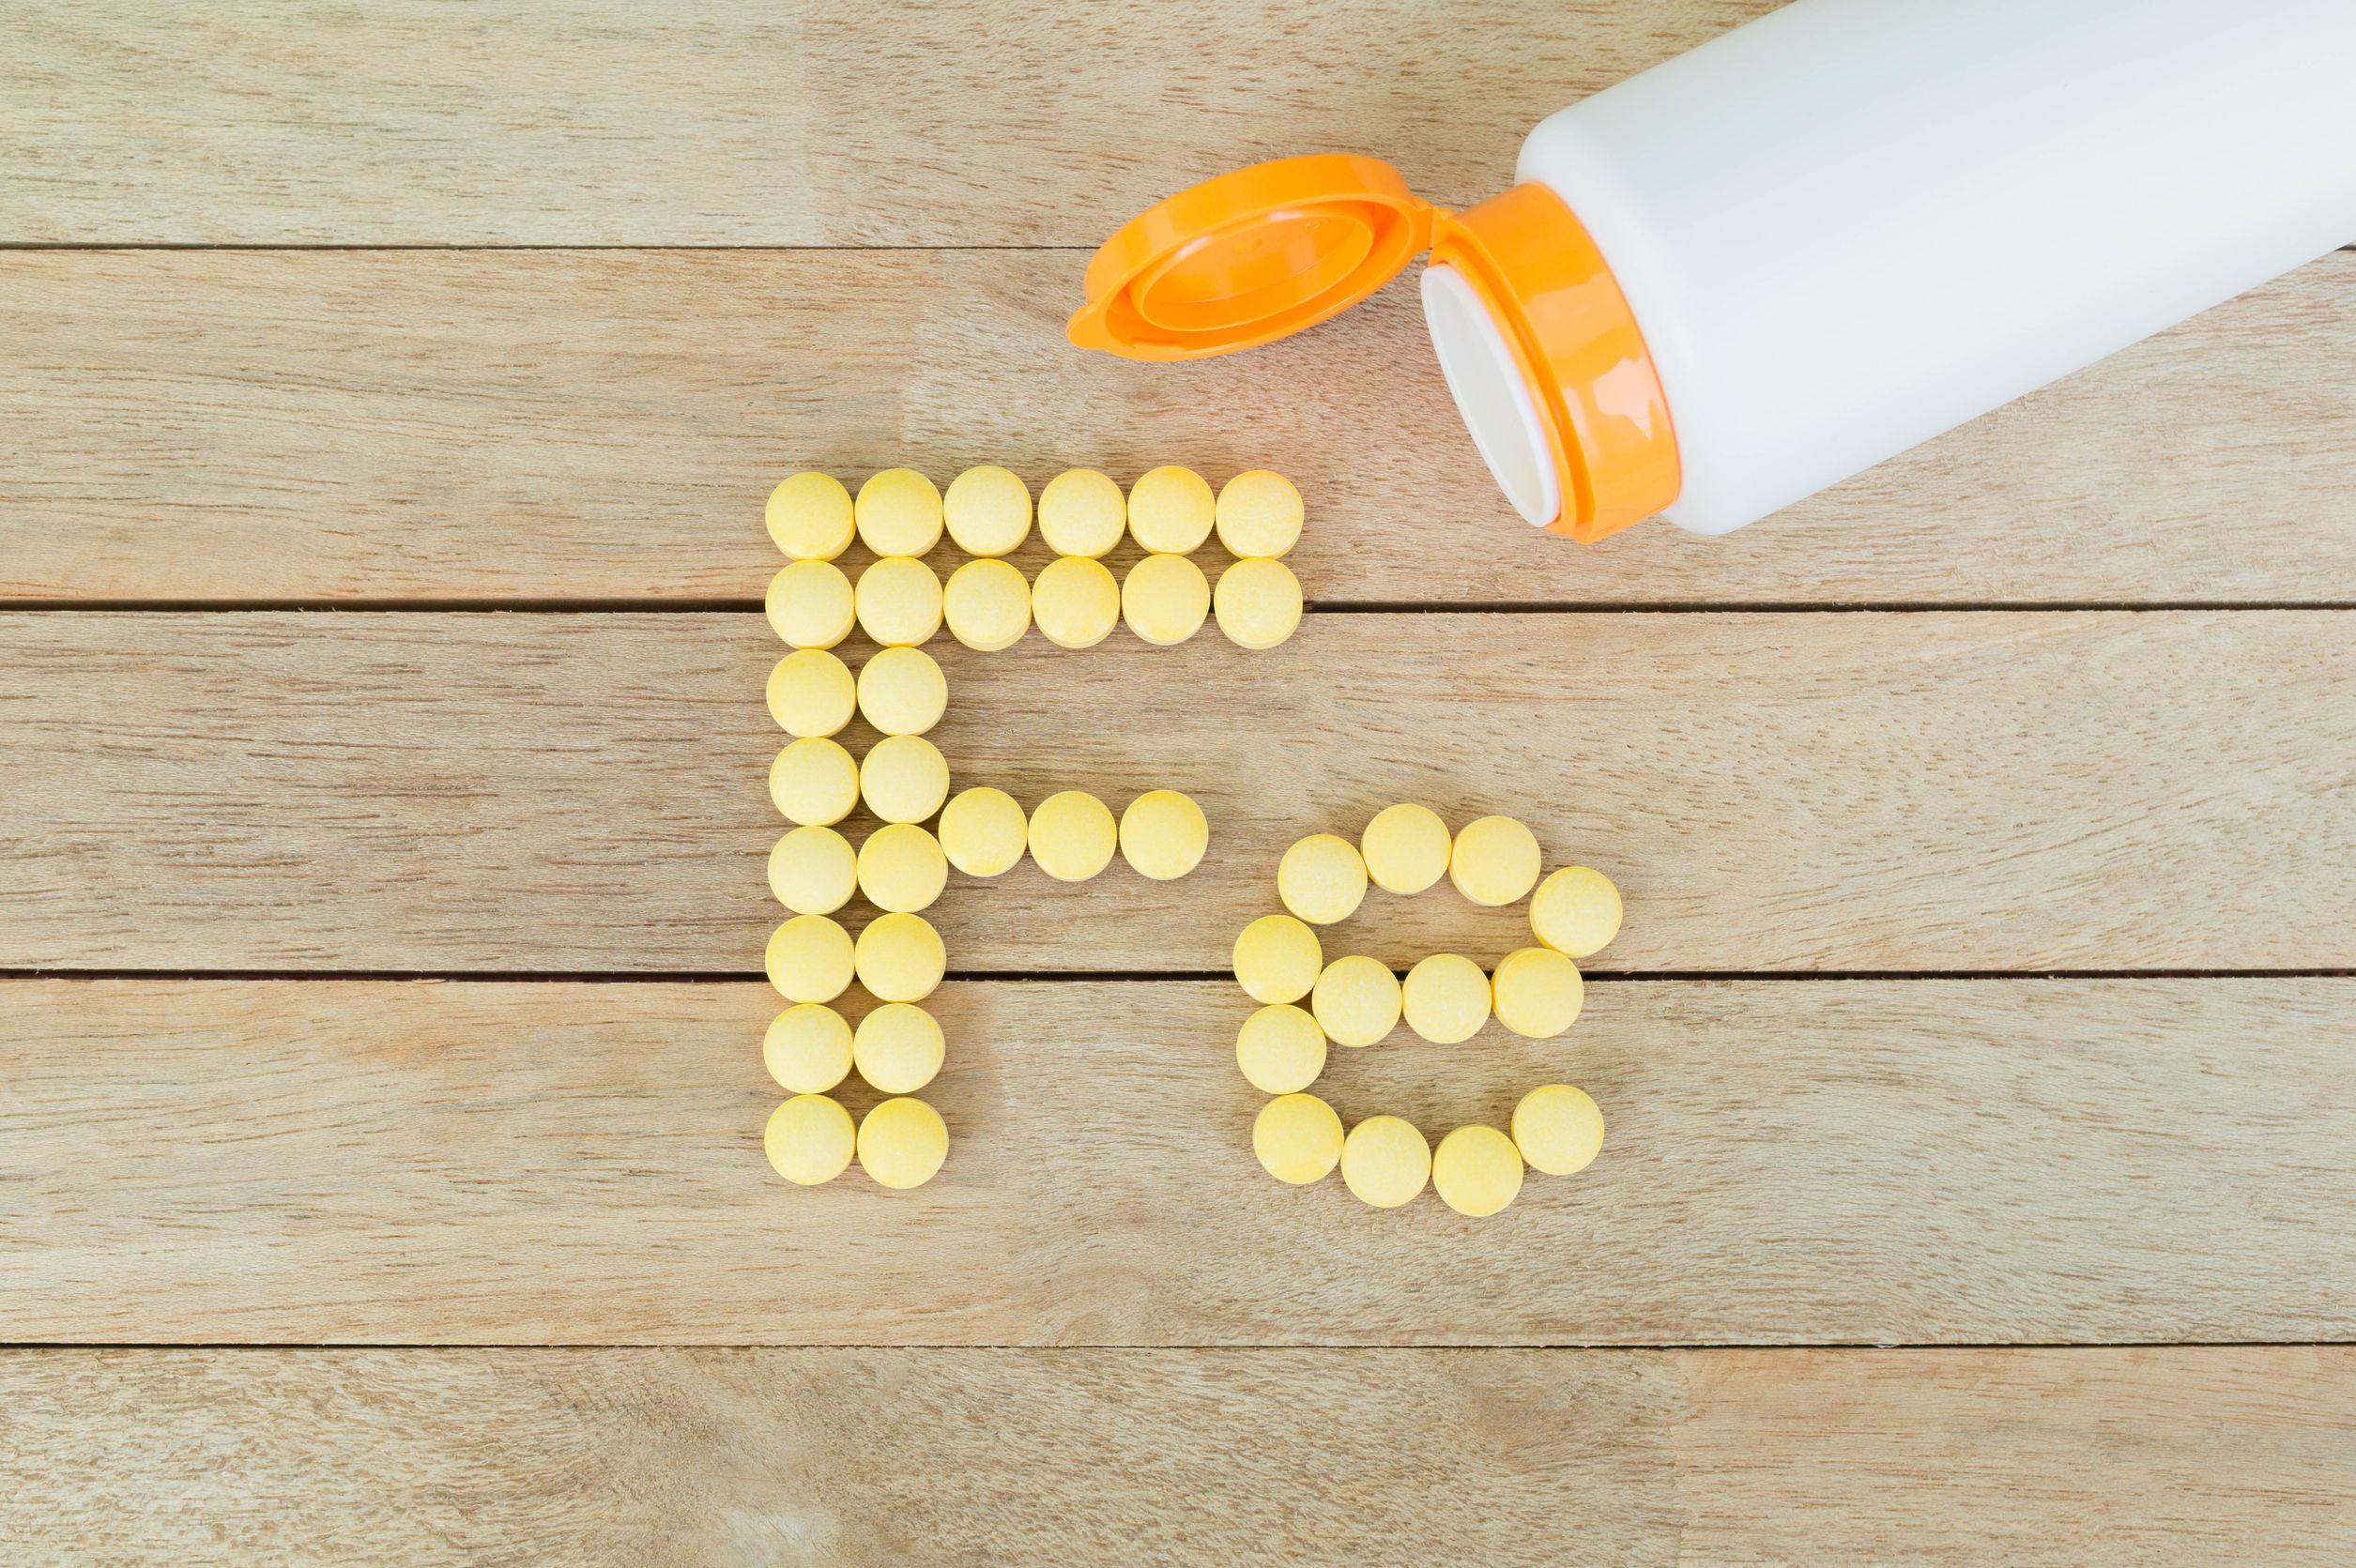 Eisen Tabletten: Test, Wirkung, Anwendung & Studien (04/21)